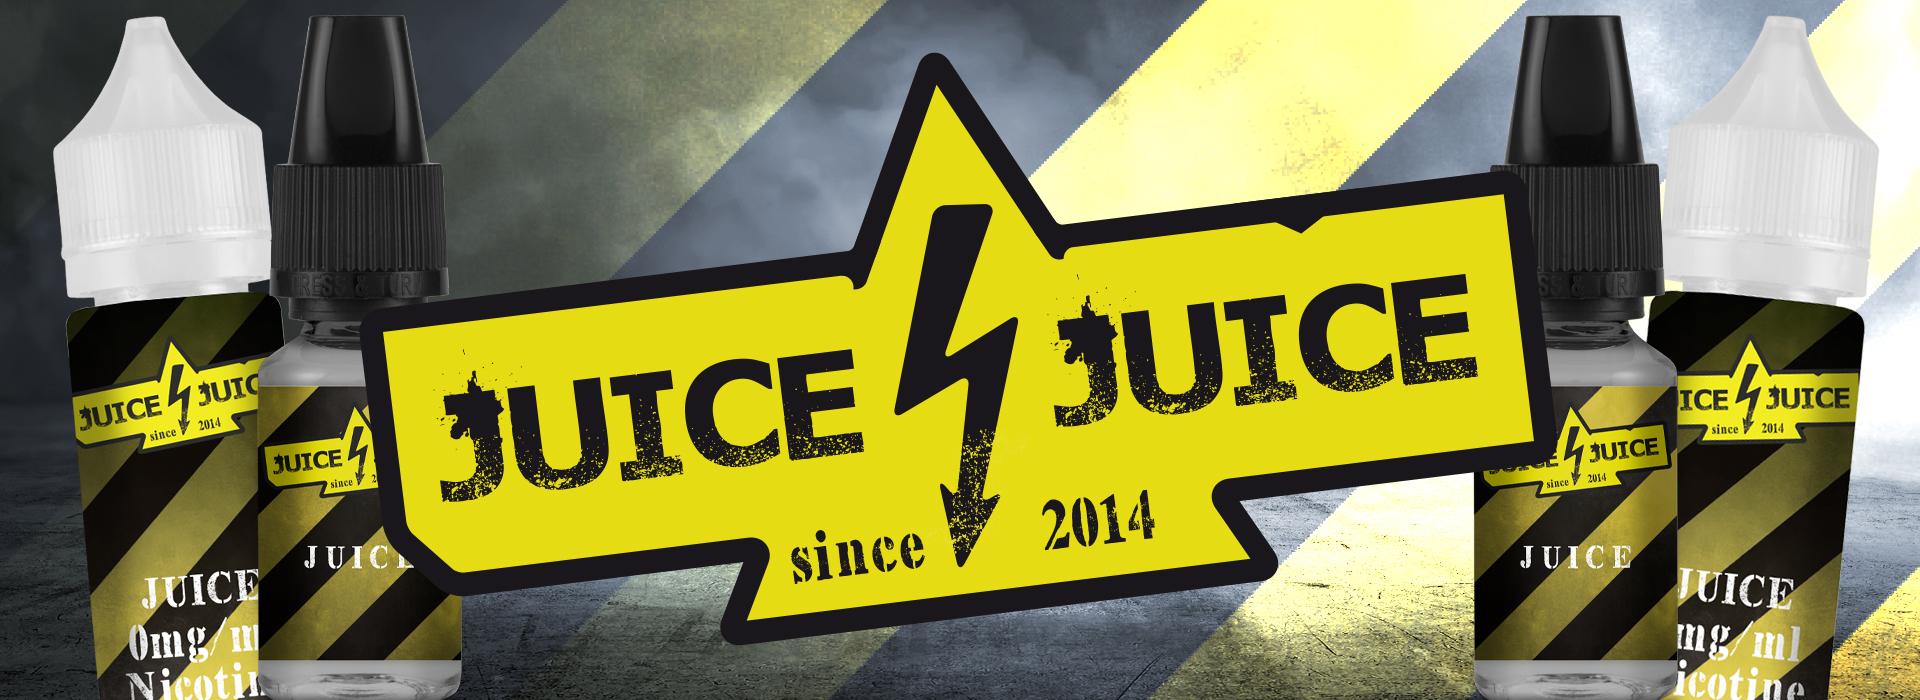 La gamme d'e-liquides Juice Juice est composée de saveurs gourmandes et fruitées soigneusement assemblées permettant d'obtenir un e-liquide fin et gourmand.